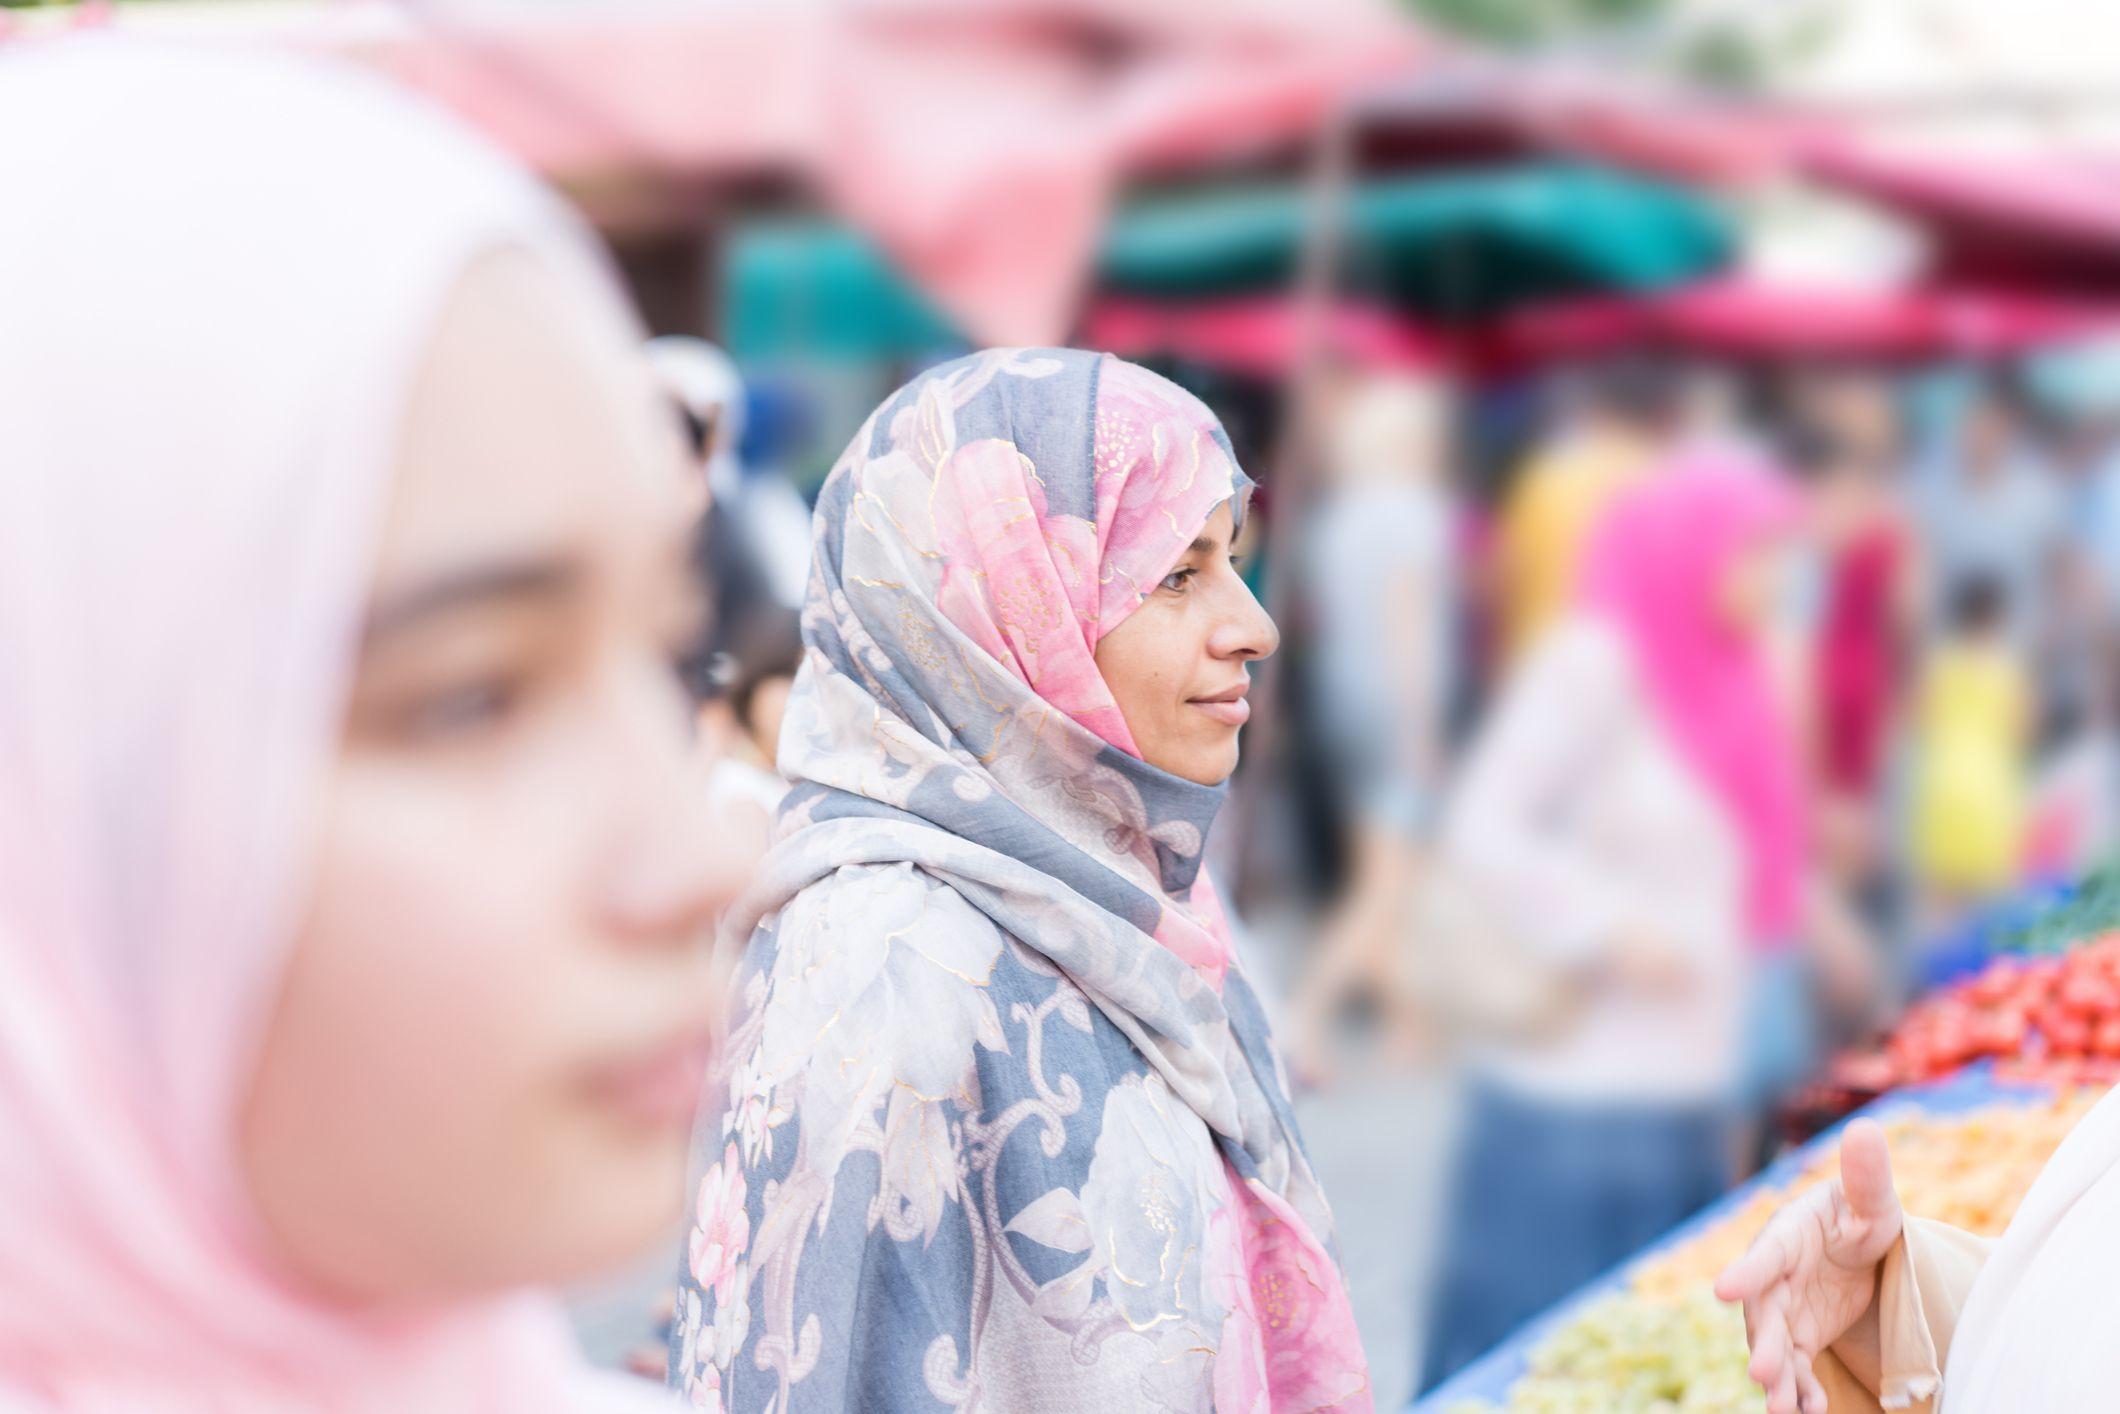 Incontri musulmani nessun segno fino